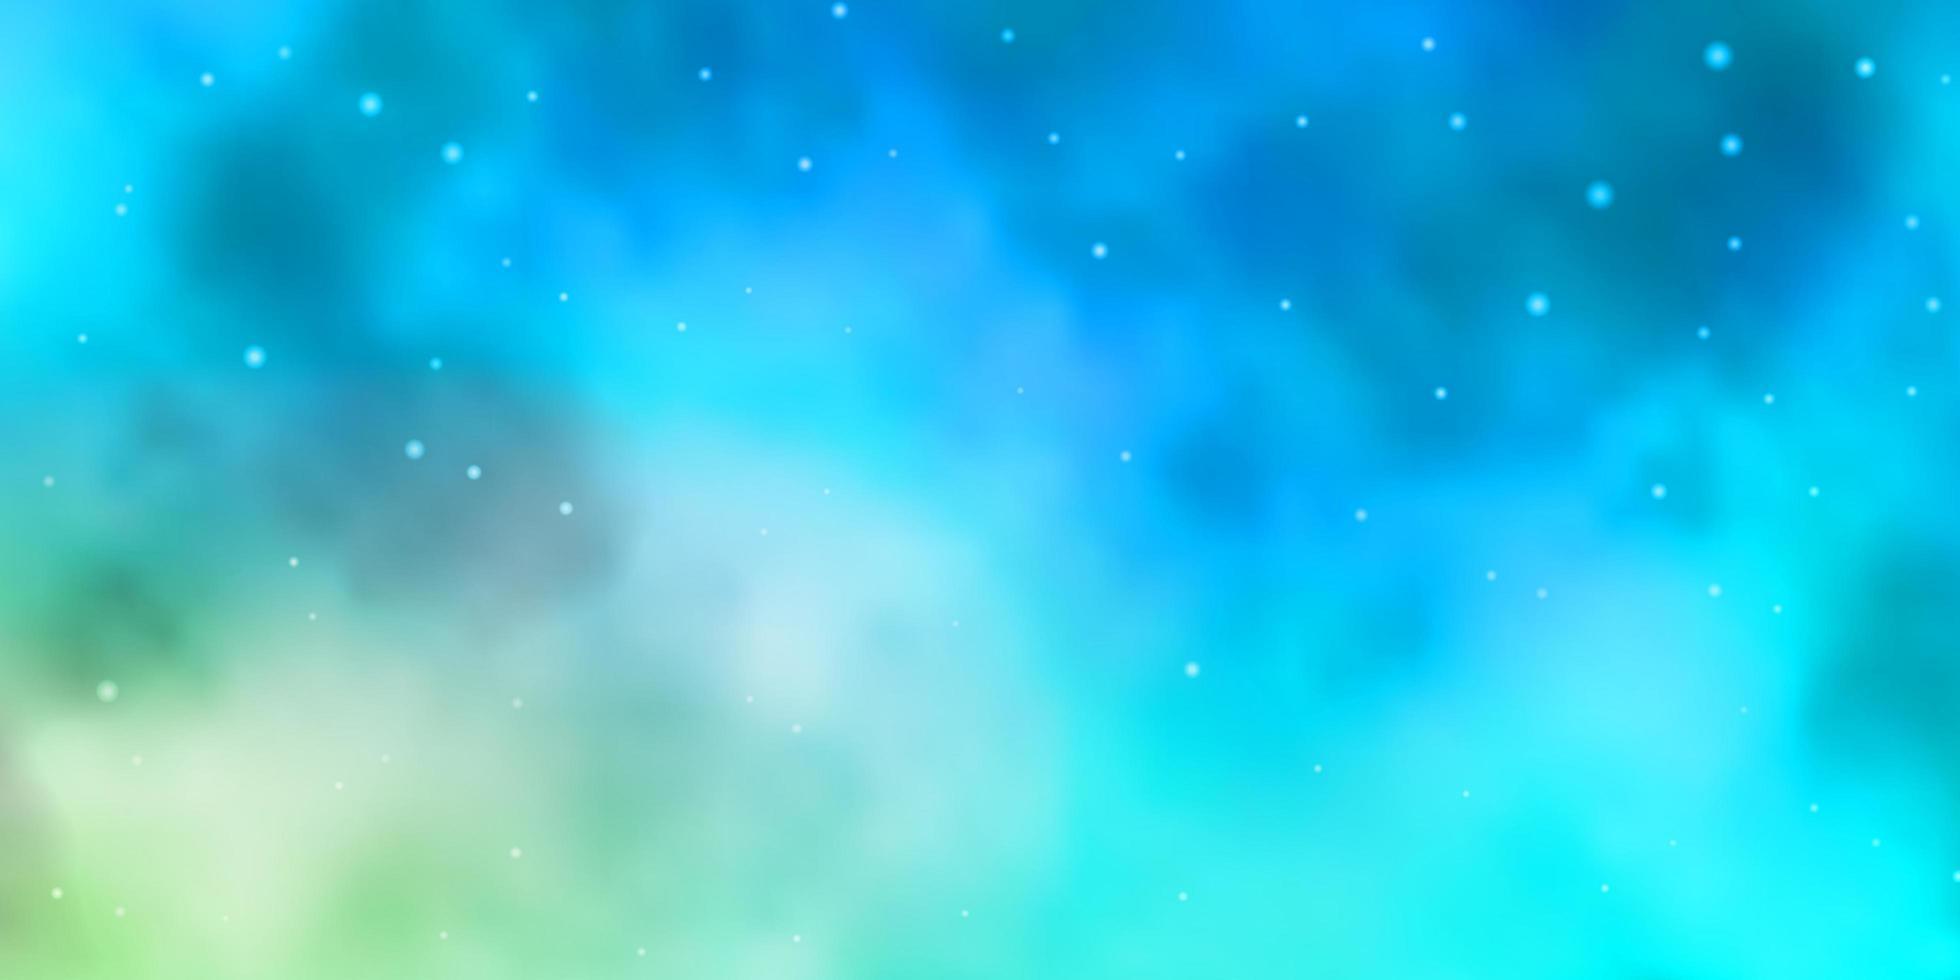 padrão de vetor azul e amarelo claro com estrelas abstratas.